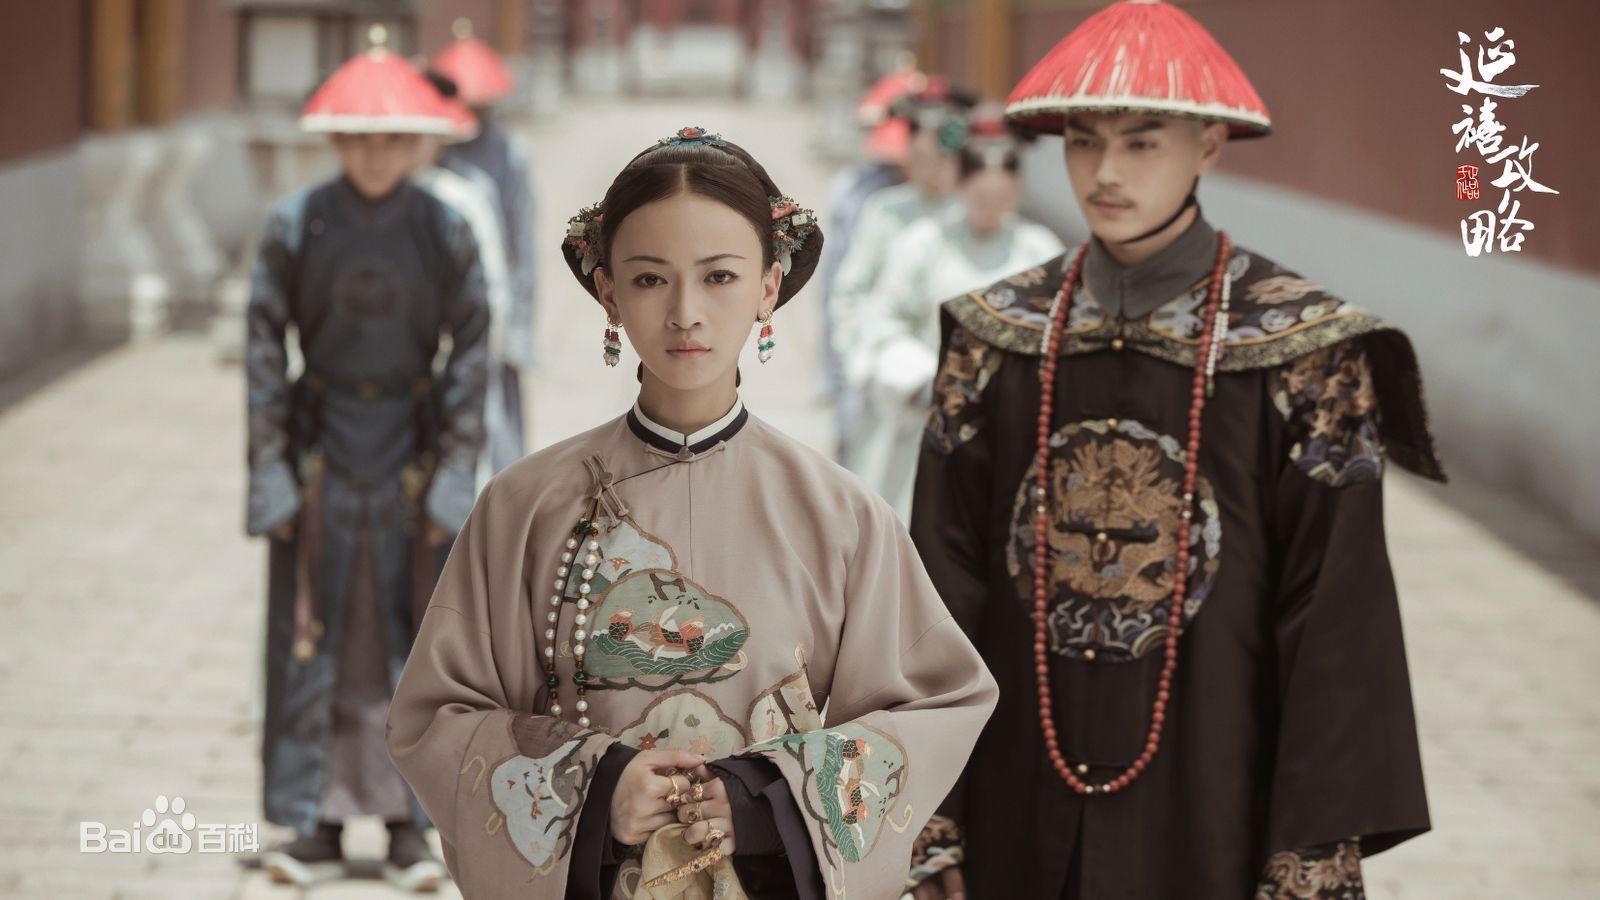 Cận cảnh nhan sắc đẹp - độc - lạ của Ngụy Anh Lạc Ngô Cẩn Ngôn trong drama hot 100 độ Diên Hi Công Lược - Ảnh 2.